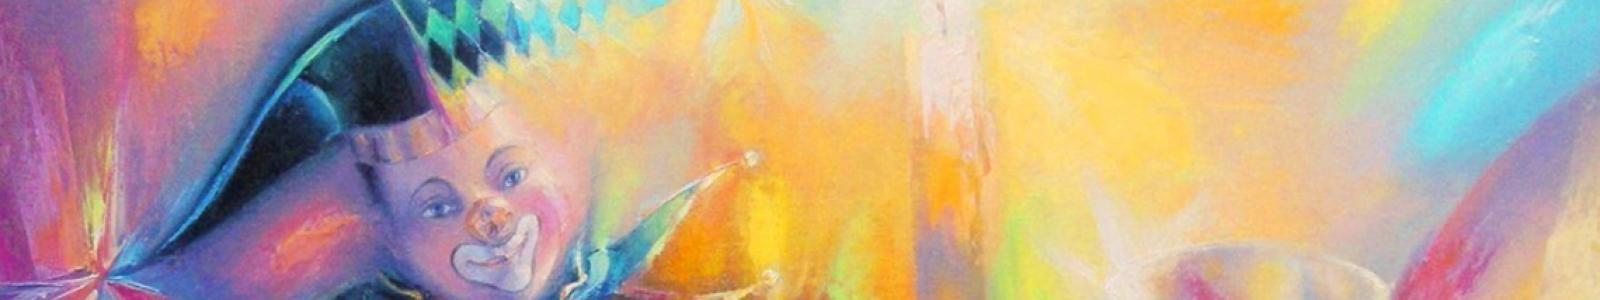 Gallery Painter Irina Chebotareva